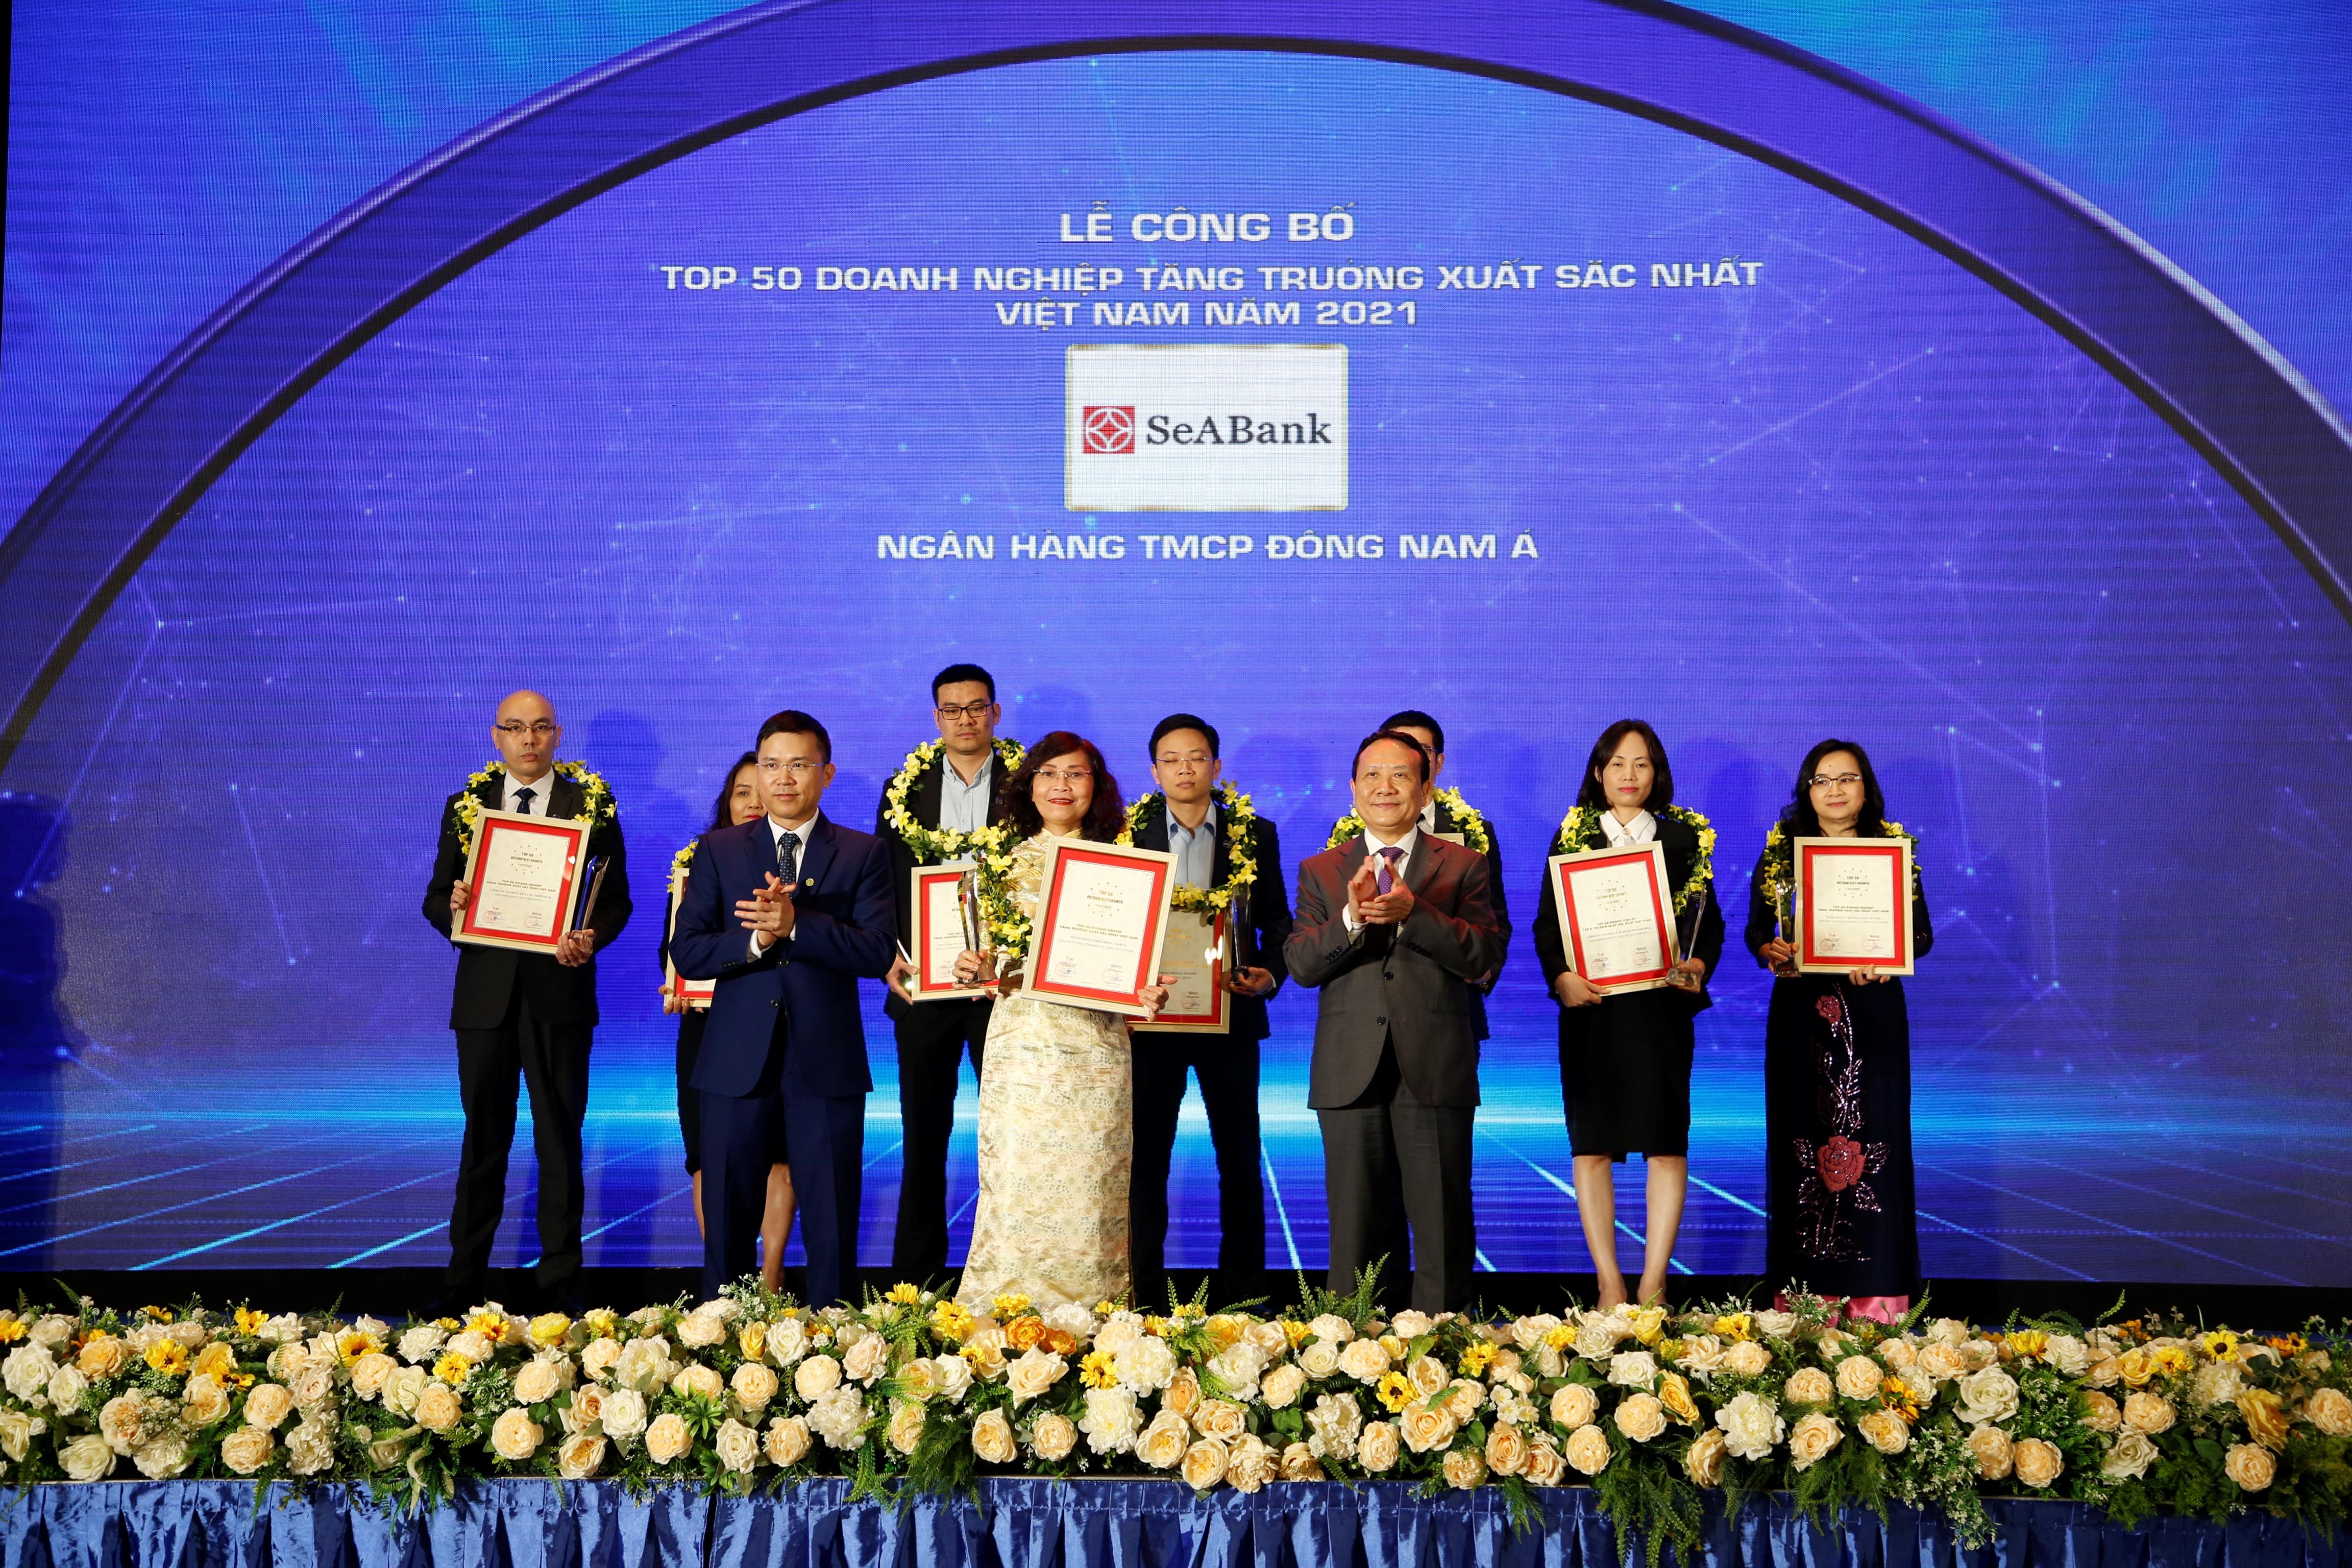 """SeABank được vinh danh """"Top 50 doanh nghiệp tăng trưởng xuất sắc nhất Việt Nam"""""""